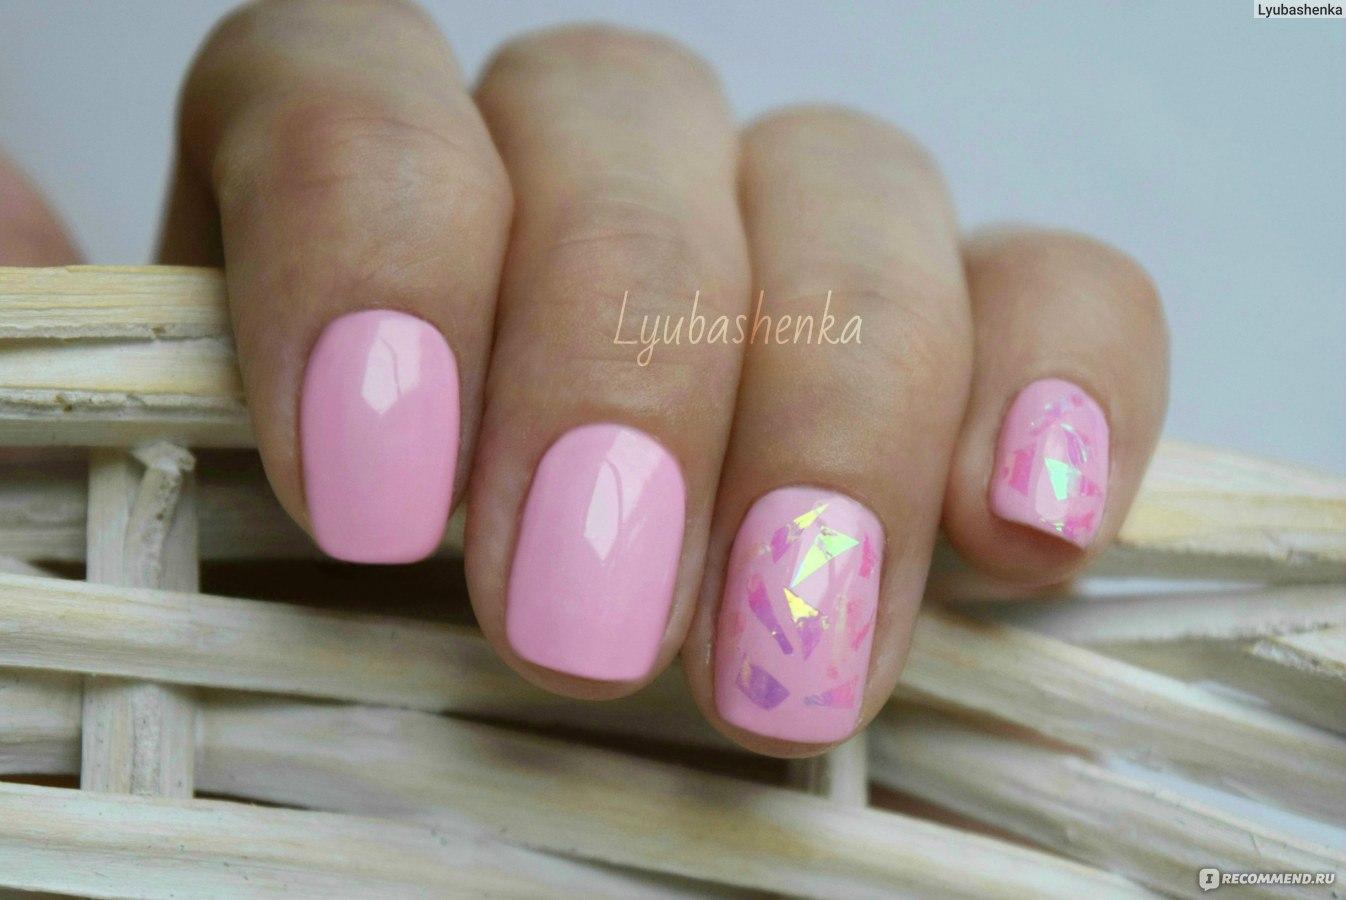 Маникюр битое стекло гель лак розовый фото